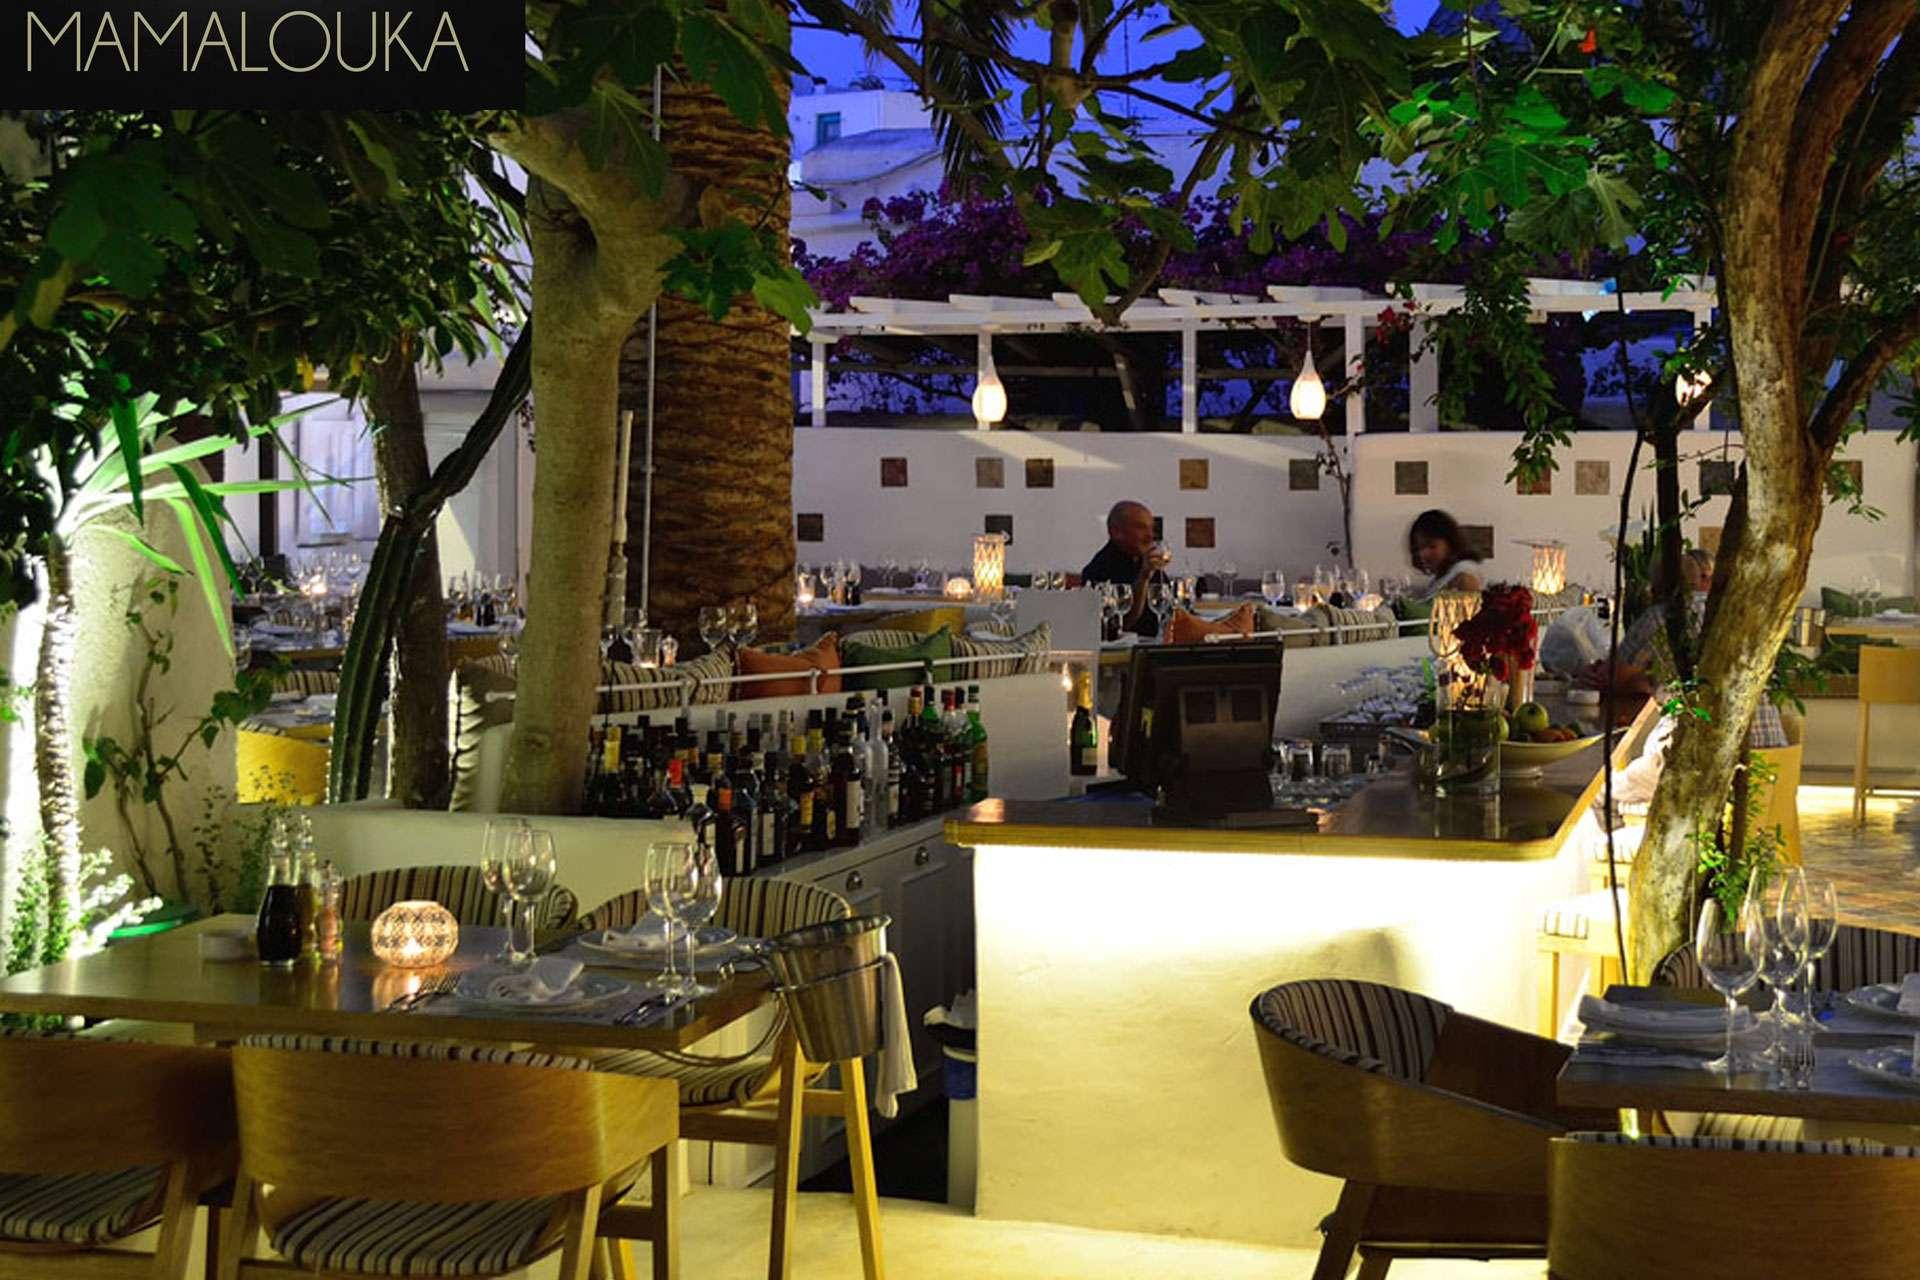 Mamalouka Mykonos Restaurants